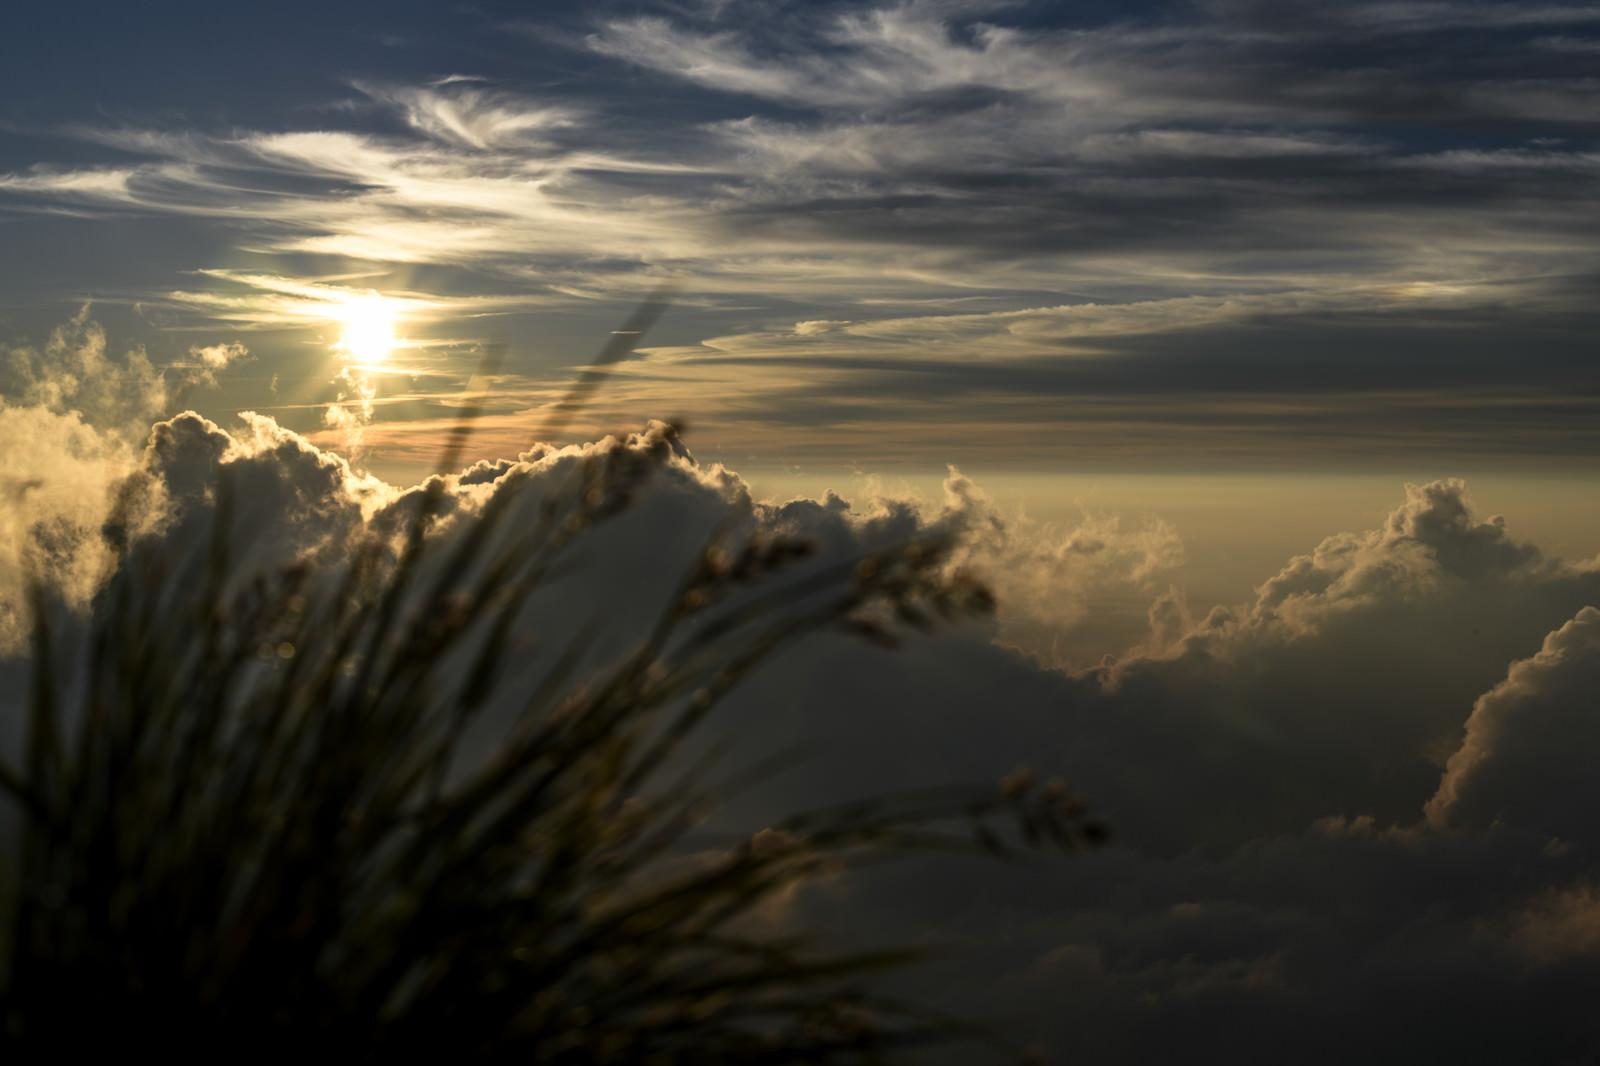 「白馬岳の夕日と山野草」の写真